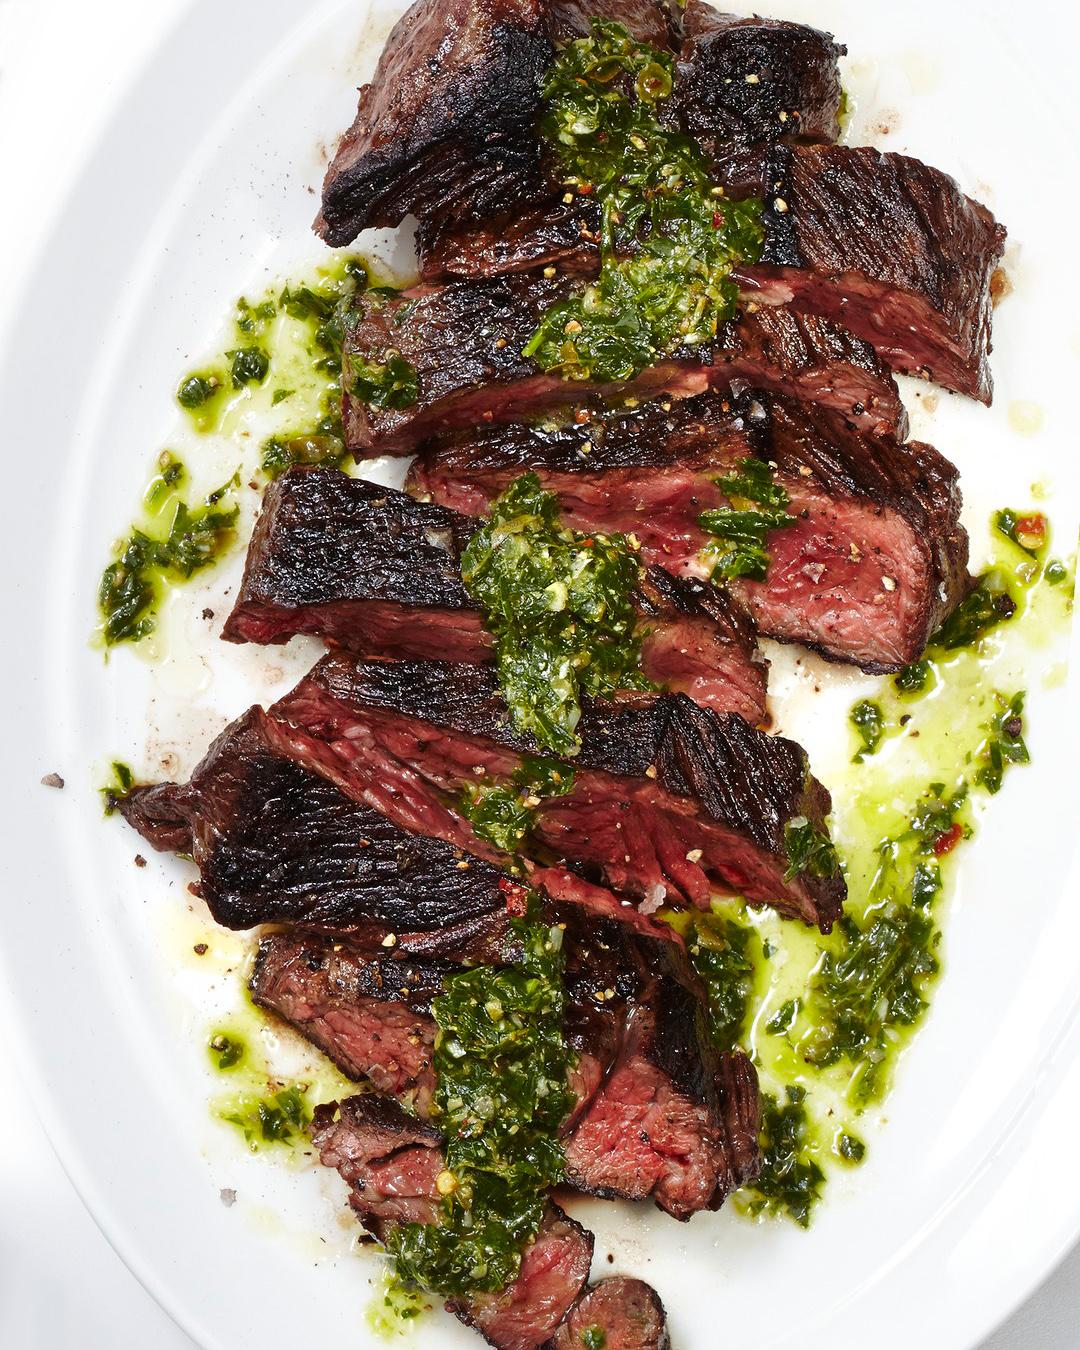 Sliced Hanger Steak